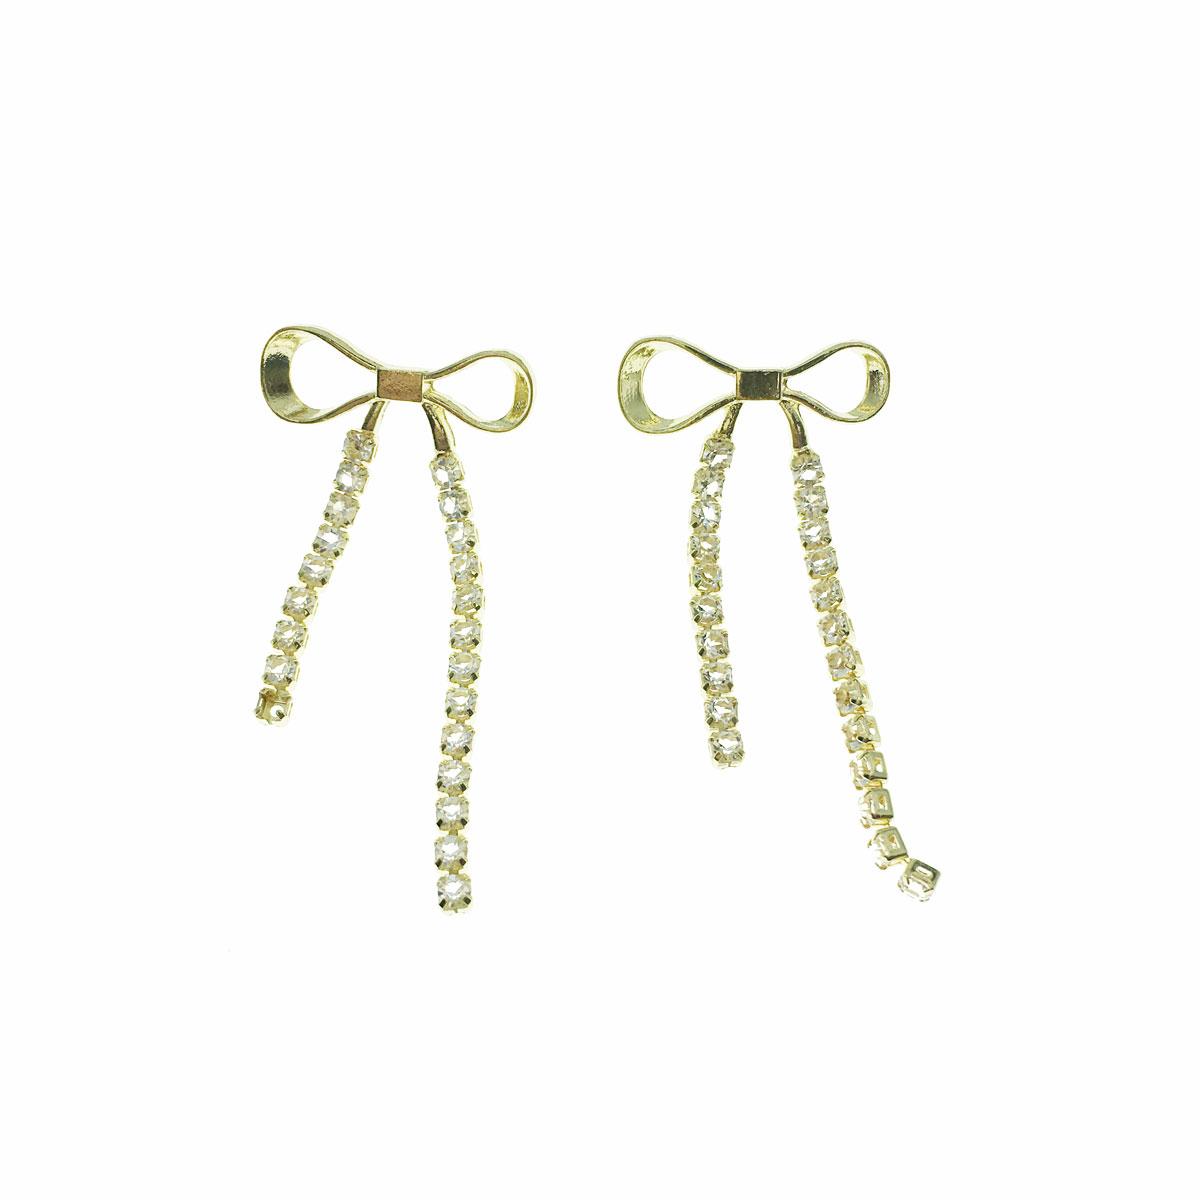 韓國 925純銀 蝴蝶結 水鑽 摟空 垂墜感 耳針式 耳環